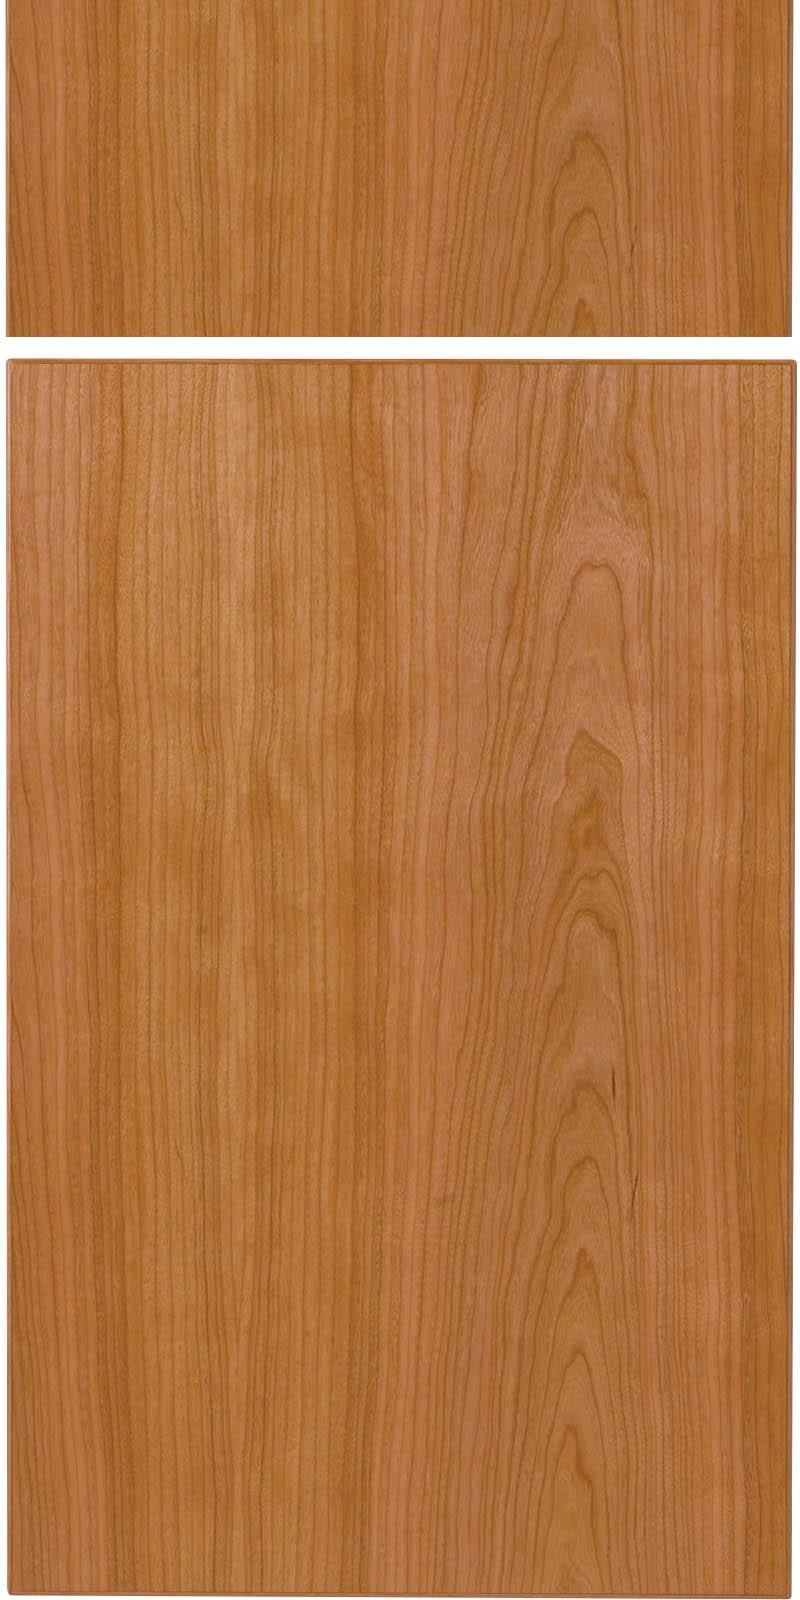 Astoria Cherry Slab Construction Cabinet Doors